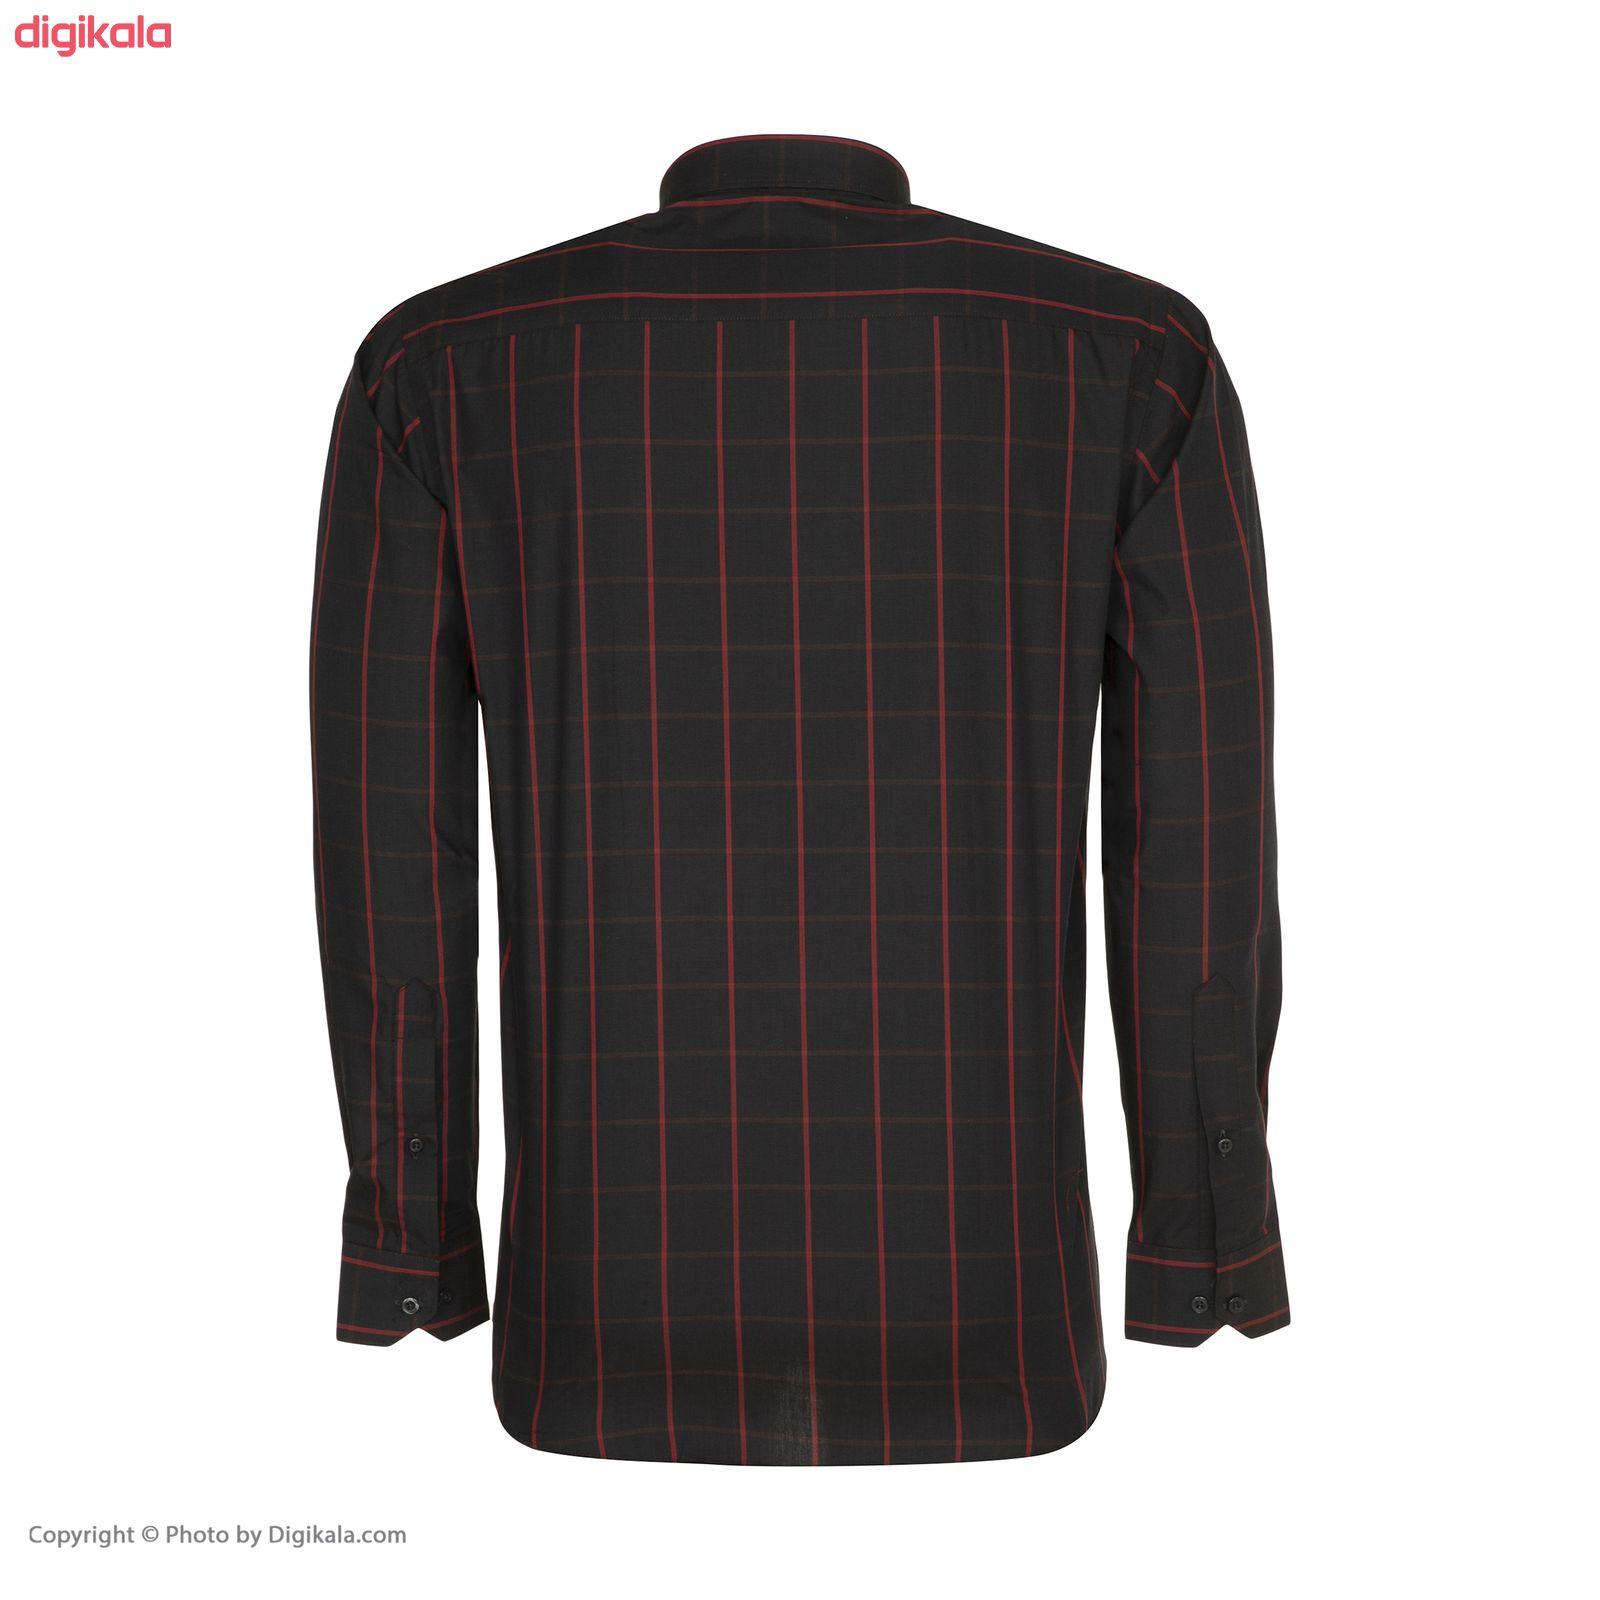 پیراهن آستین بلند مردانه مدل NO.5 main 1 3